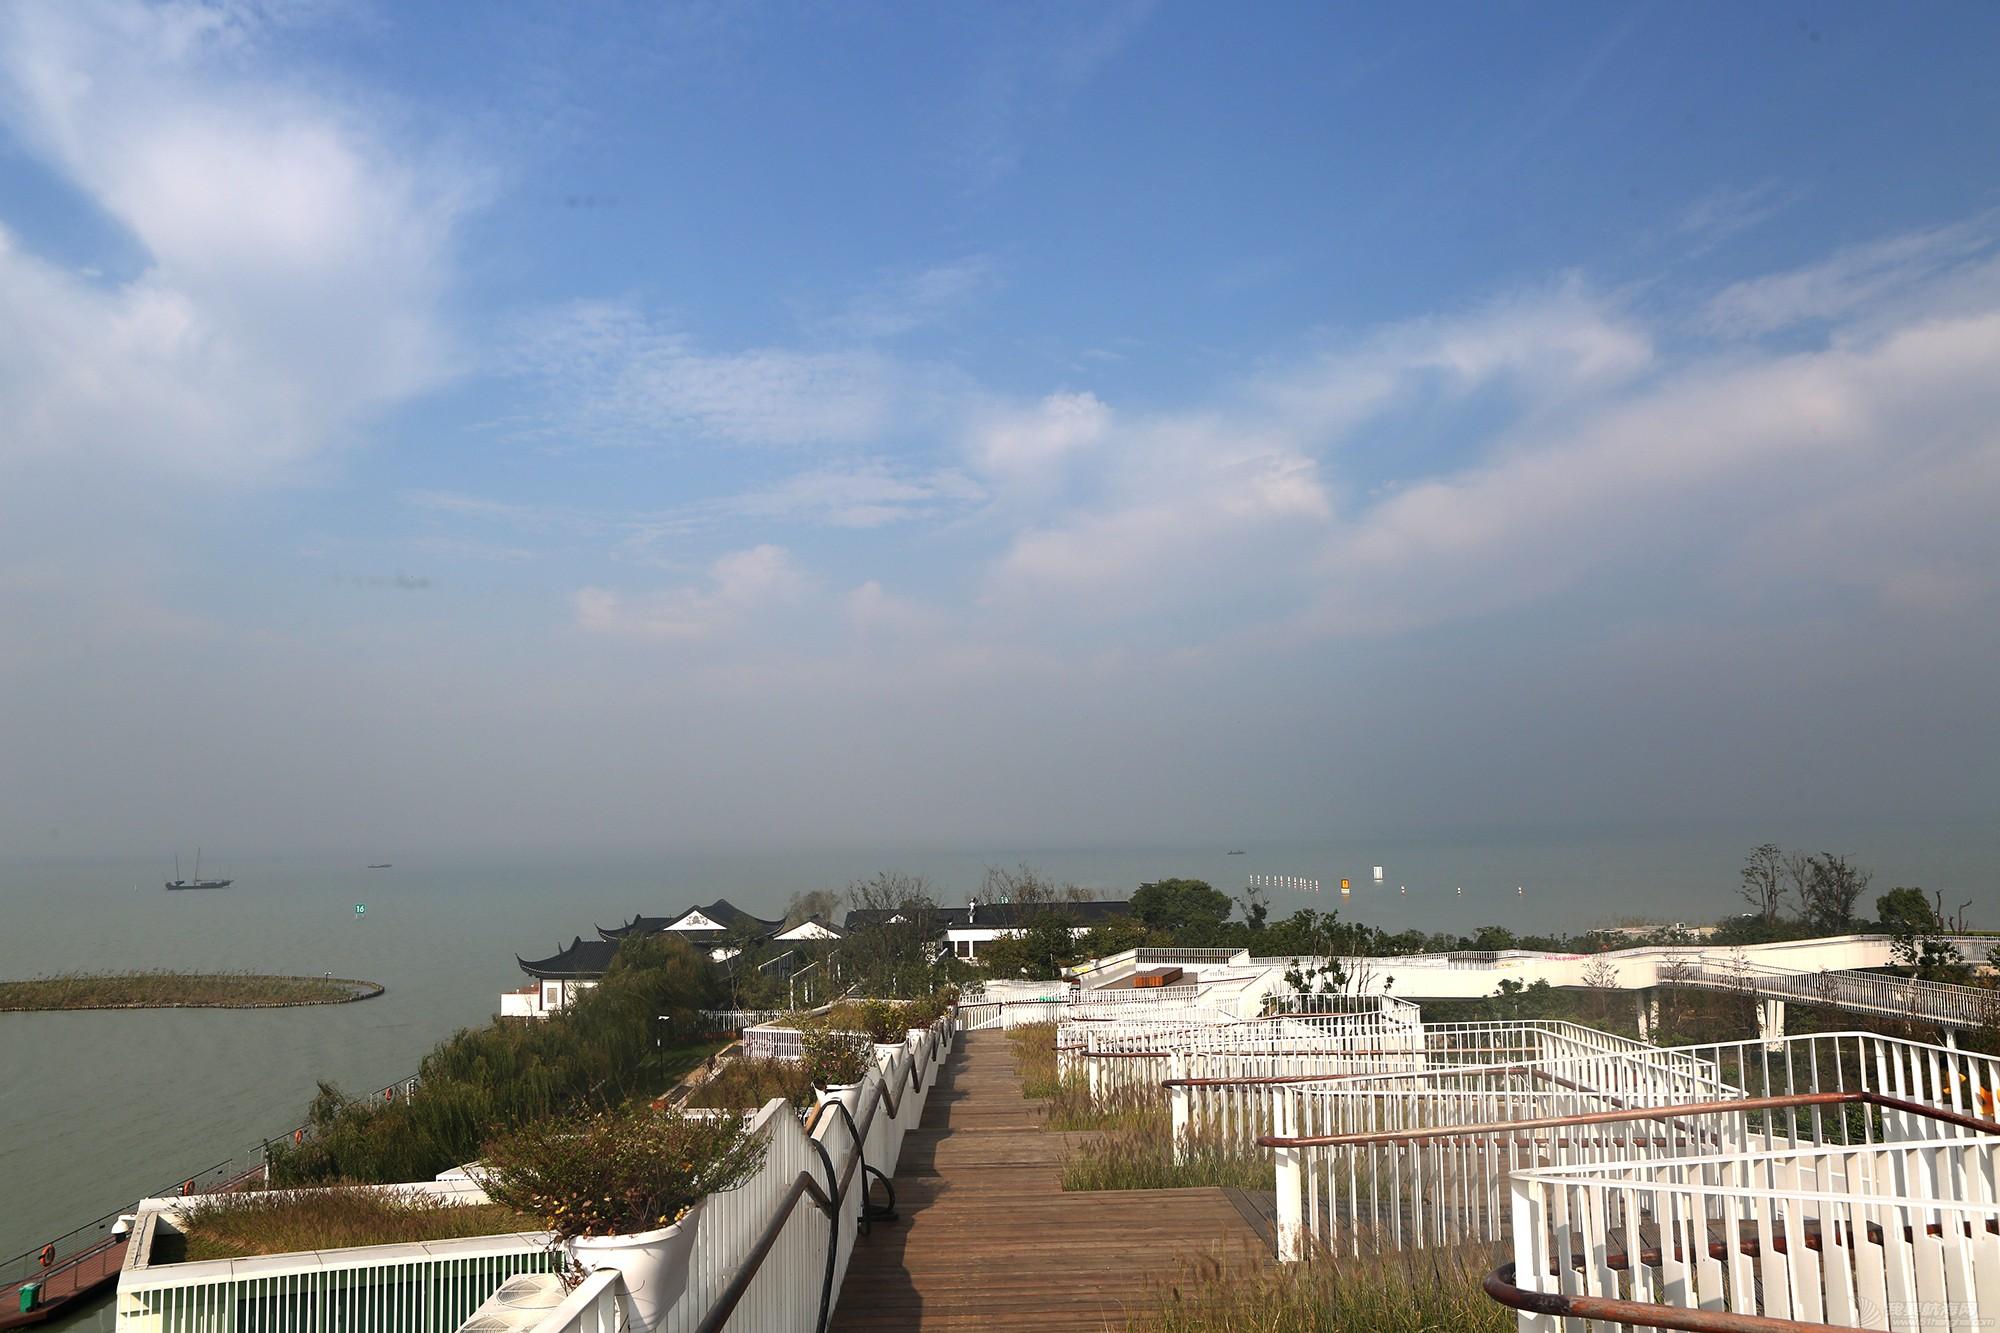 俱乐部,总经理 我要航海网专访菱湖湾游艇俱乐部凌黎总经理 5V8A7105.JPG